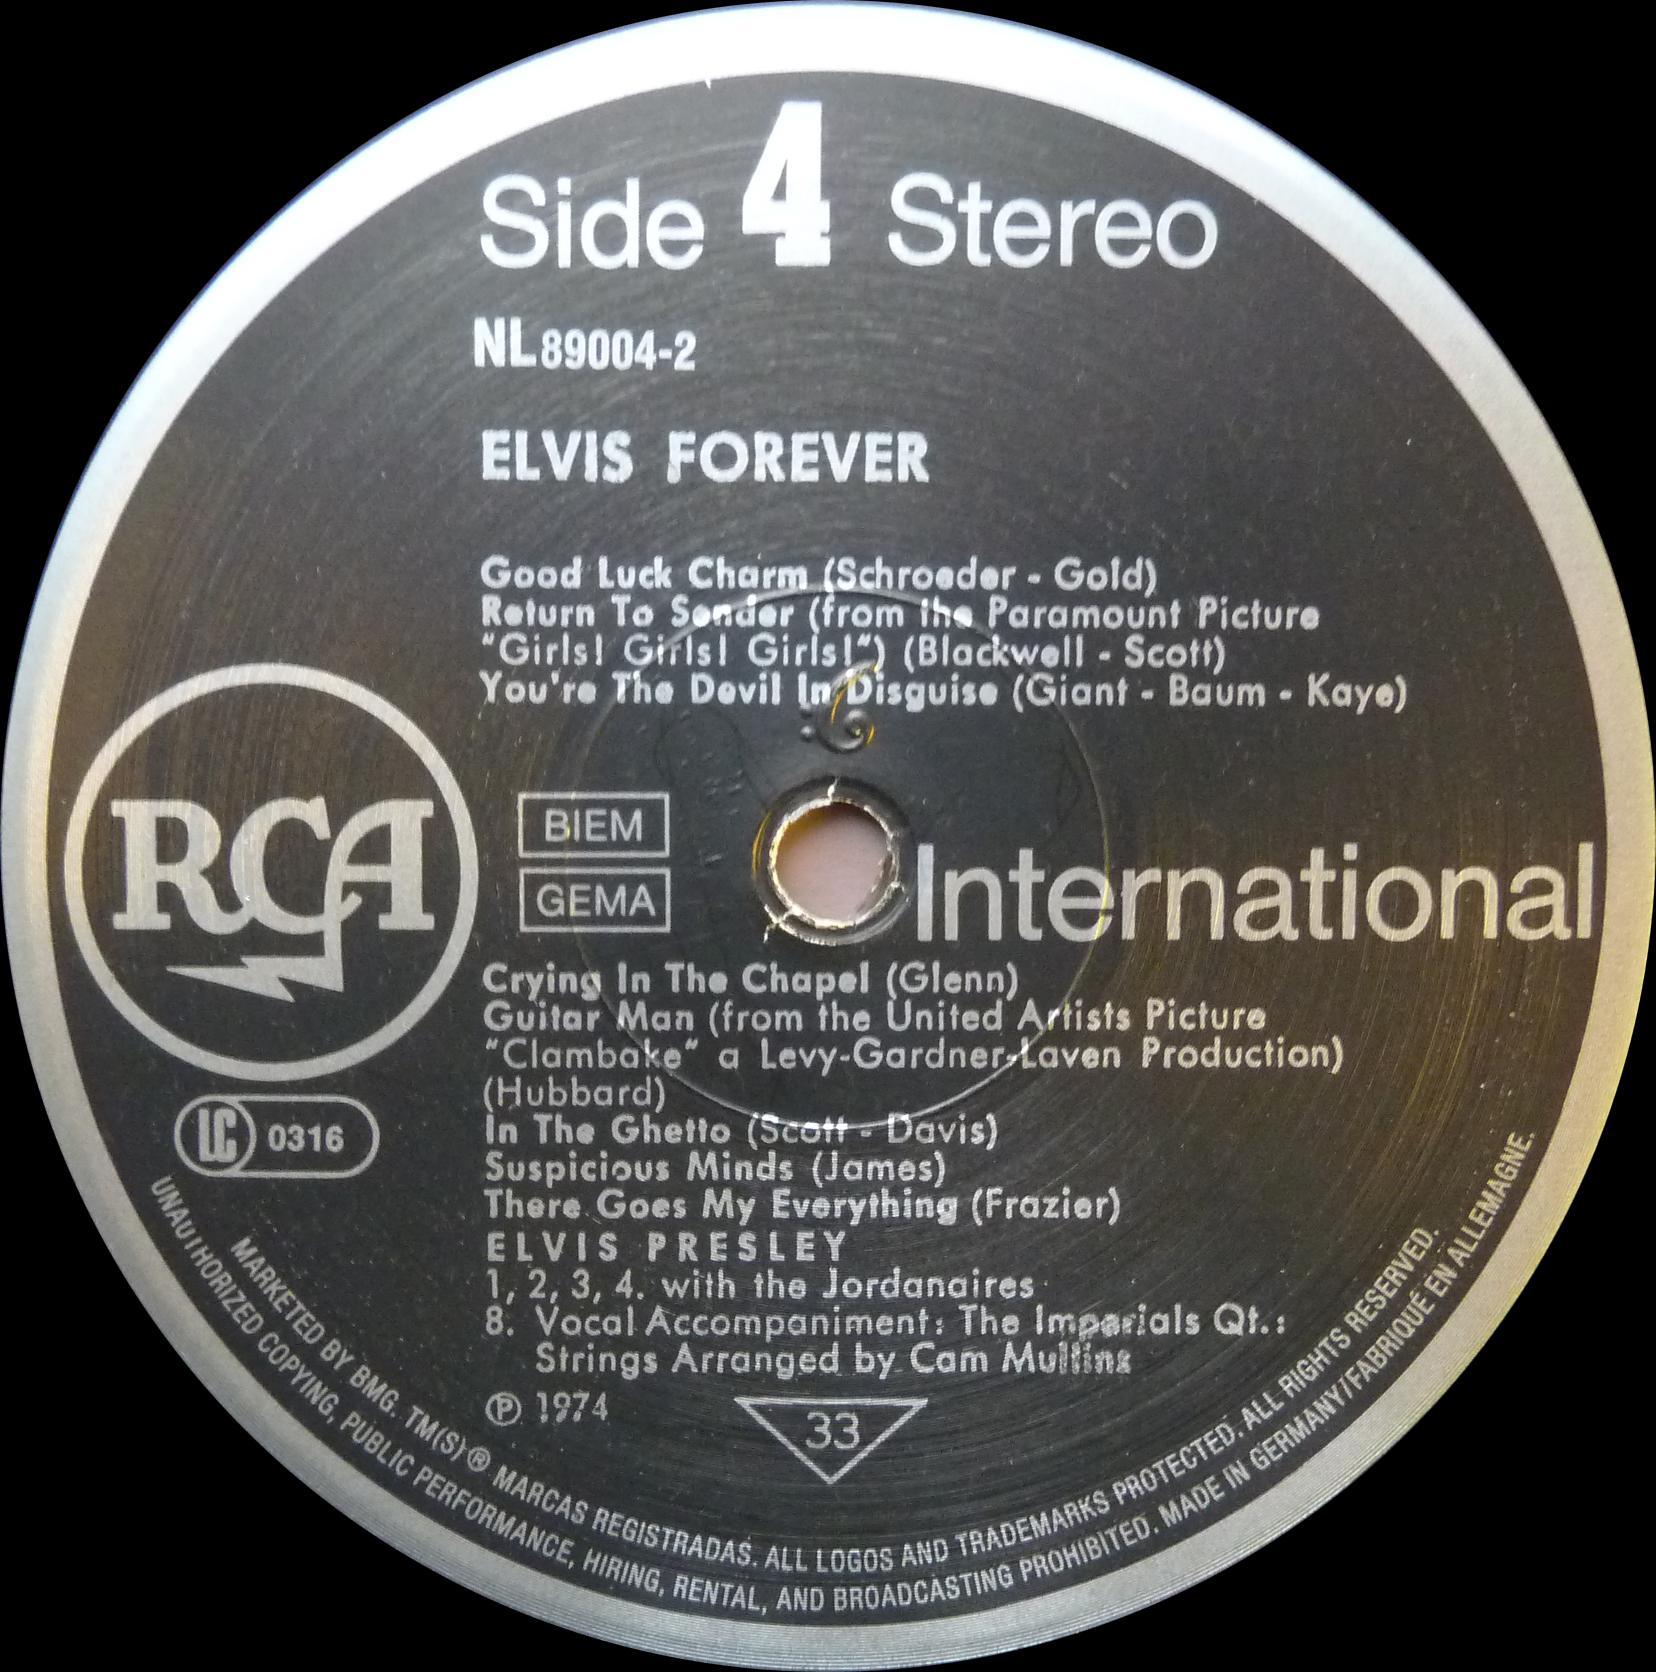 ELVIS FOREVER - 32 HITS Elvisforever90side4ztjrl